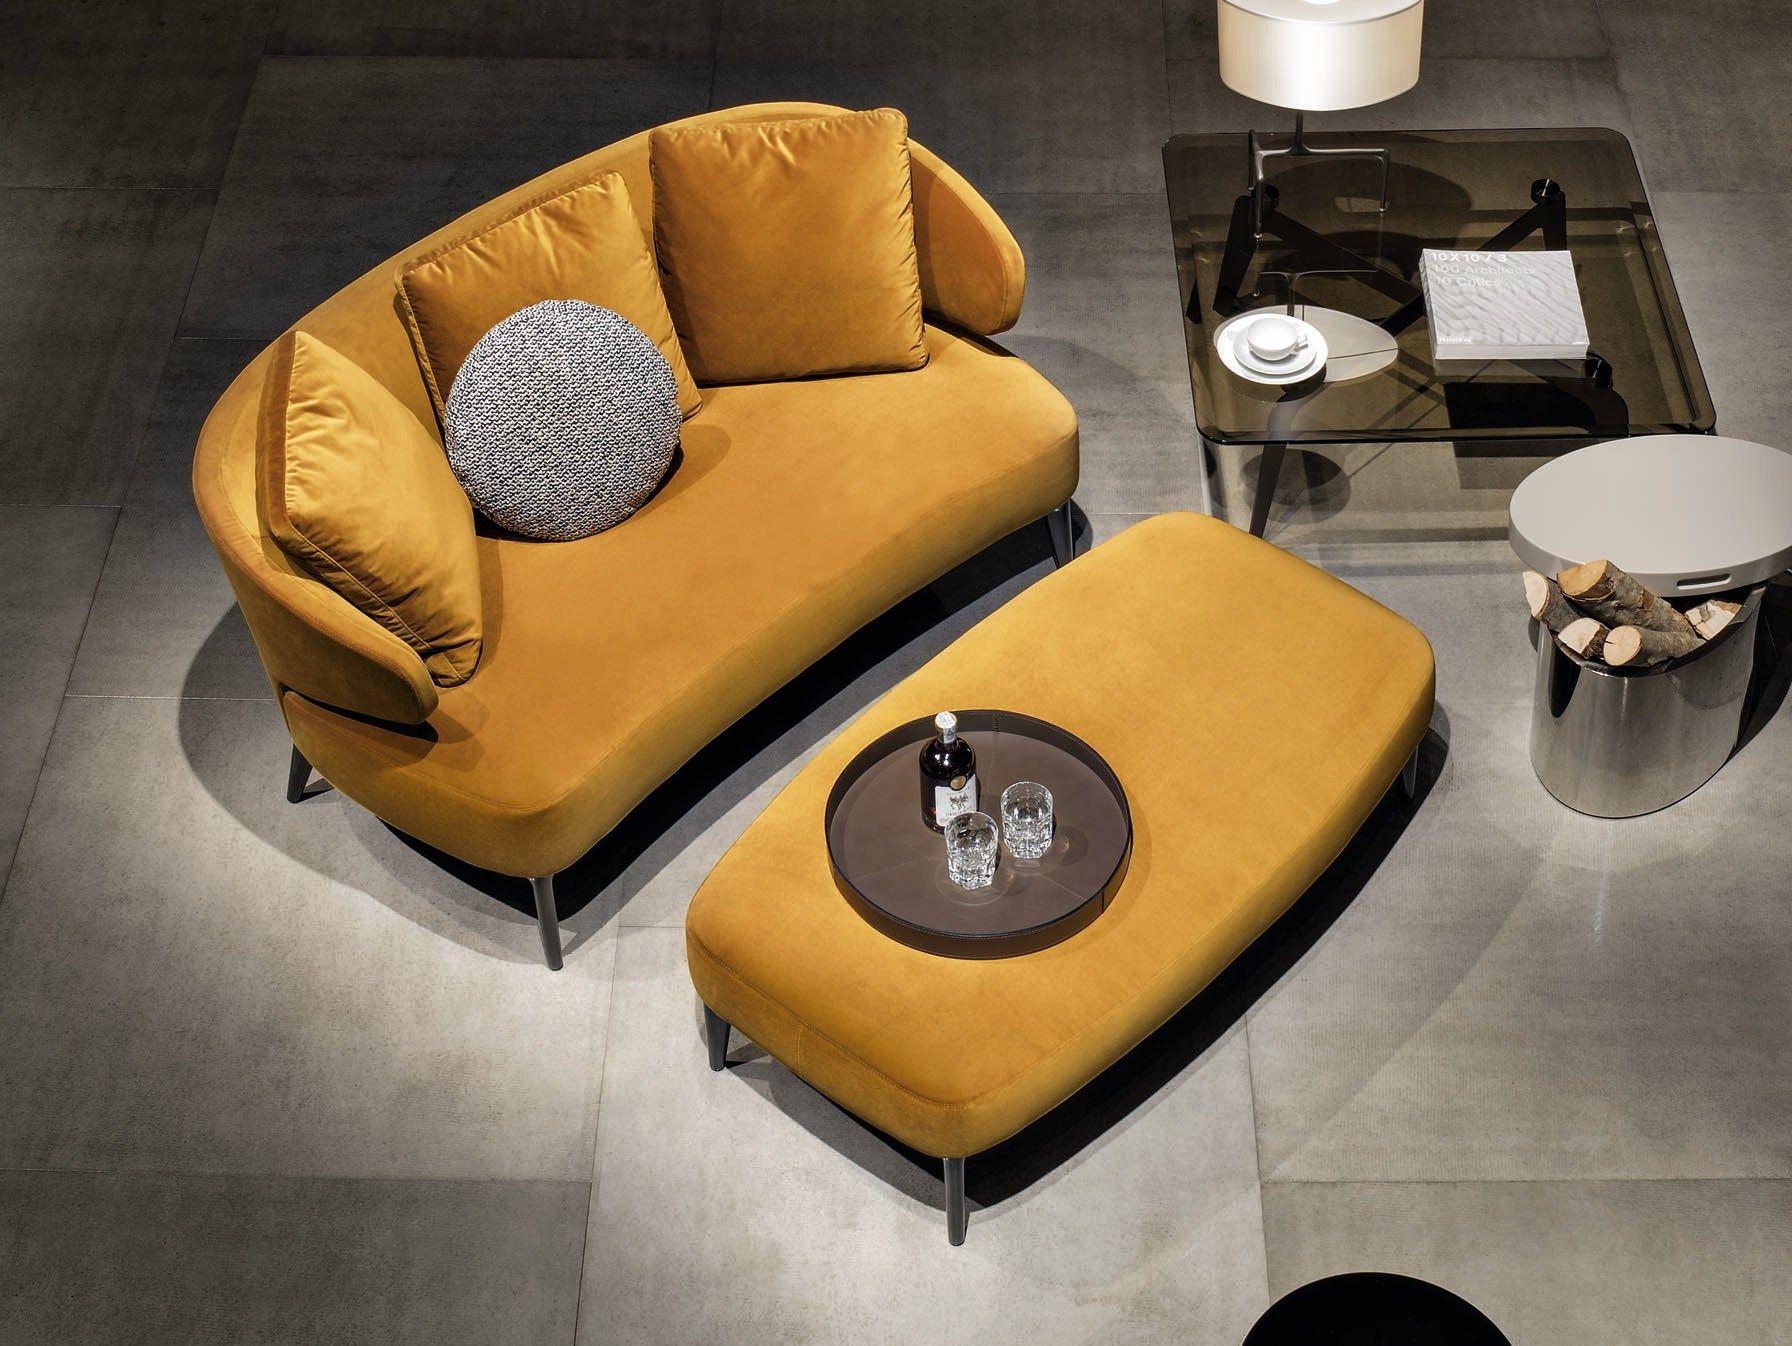 Aston by minotti design rodolfo dordoni for Arredare milano indipendenza